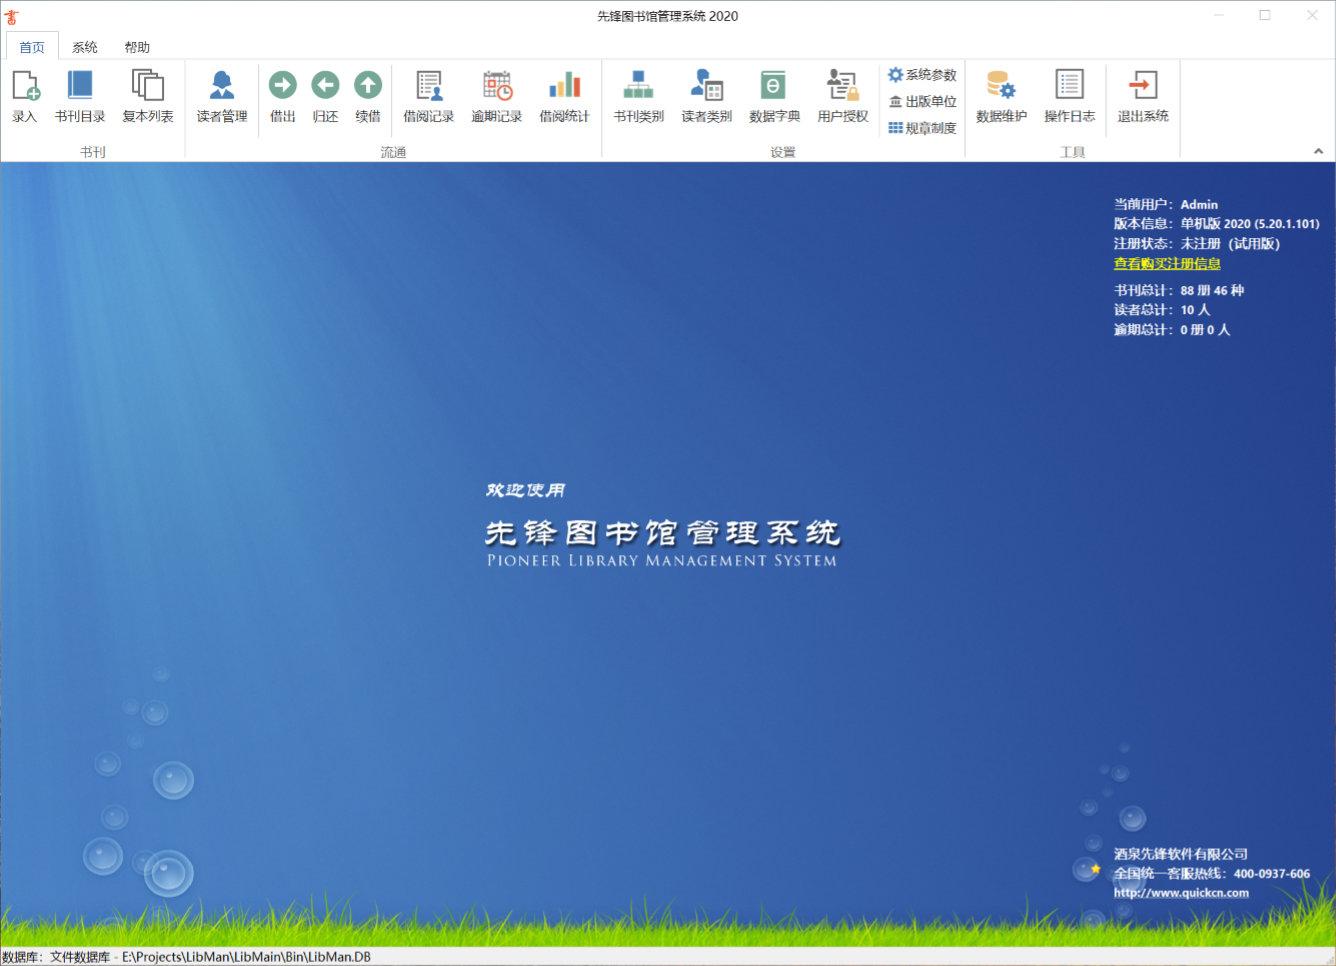 先锋图书馆管理系统软件产品